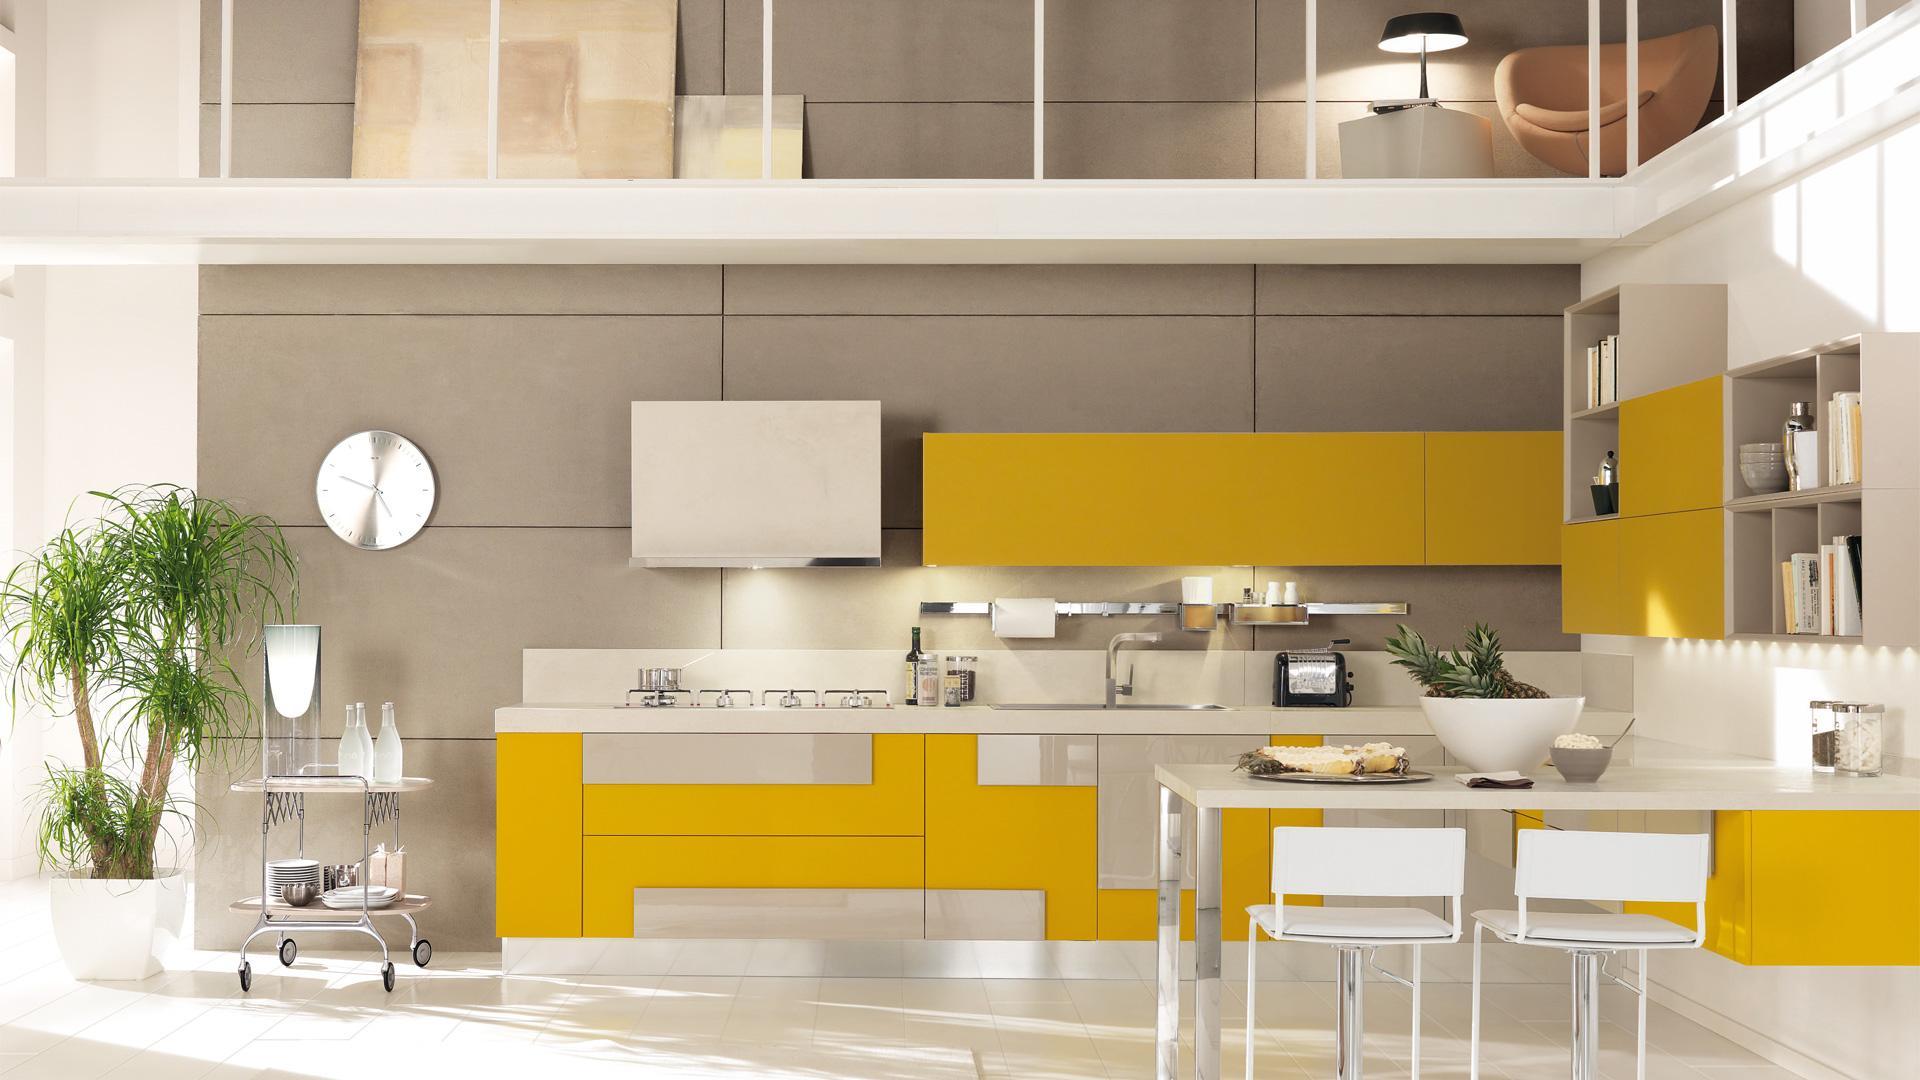 creativa - lube store milano - le cucine lube & creo a milano - Cucina Creativa Lube